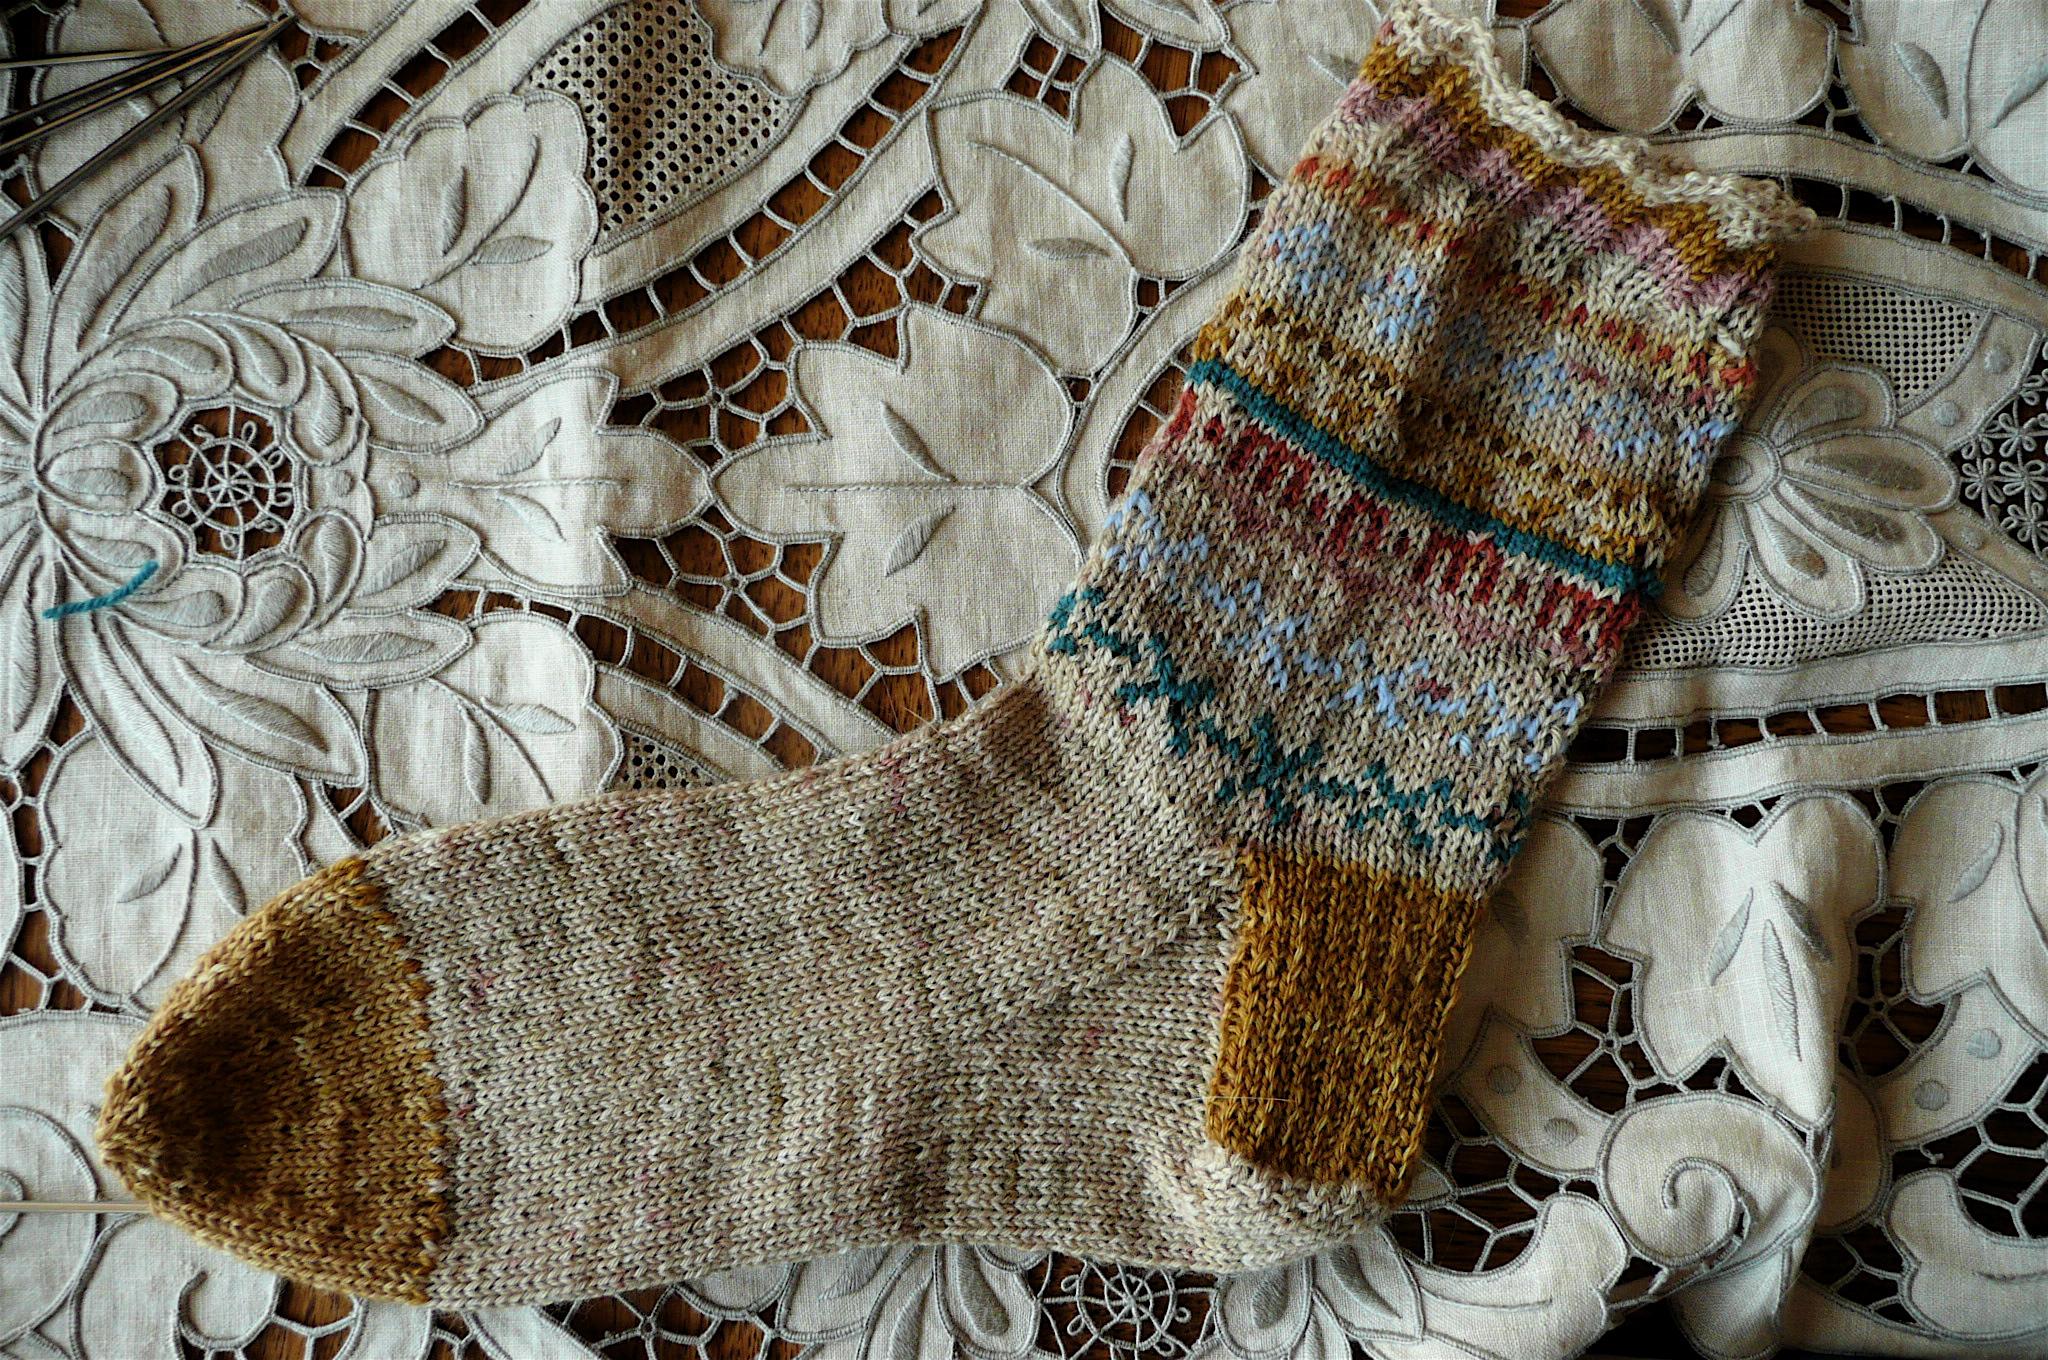 Knitting Vintage Socks Nancy Bush : Uinta cabin socks nancy bush knitting vintage